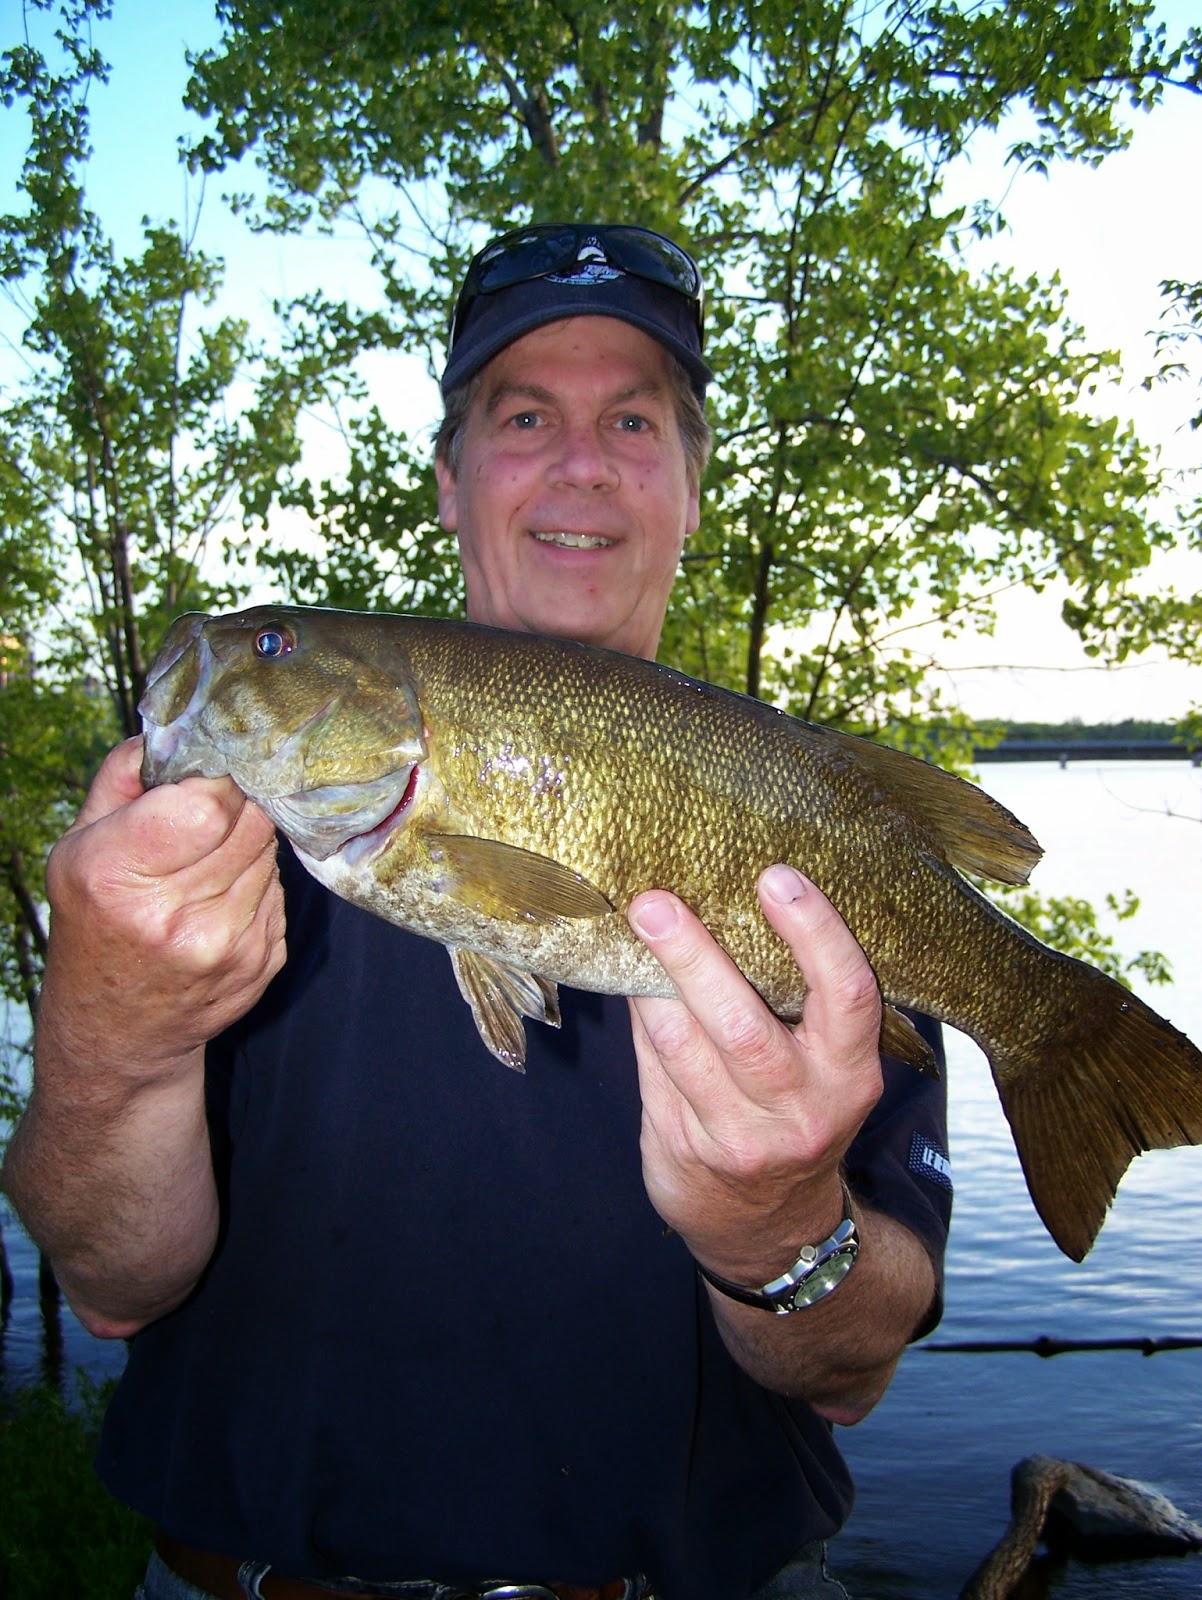 pêche achigan, trucs de pêche, pêche Montréal, Daniel Lefaivre,blogue sur la pêche